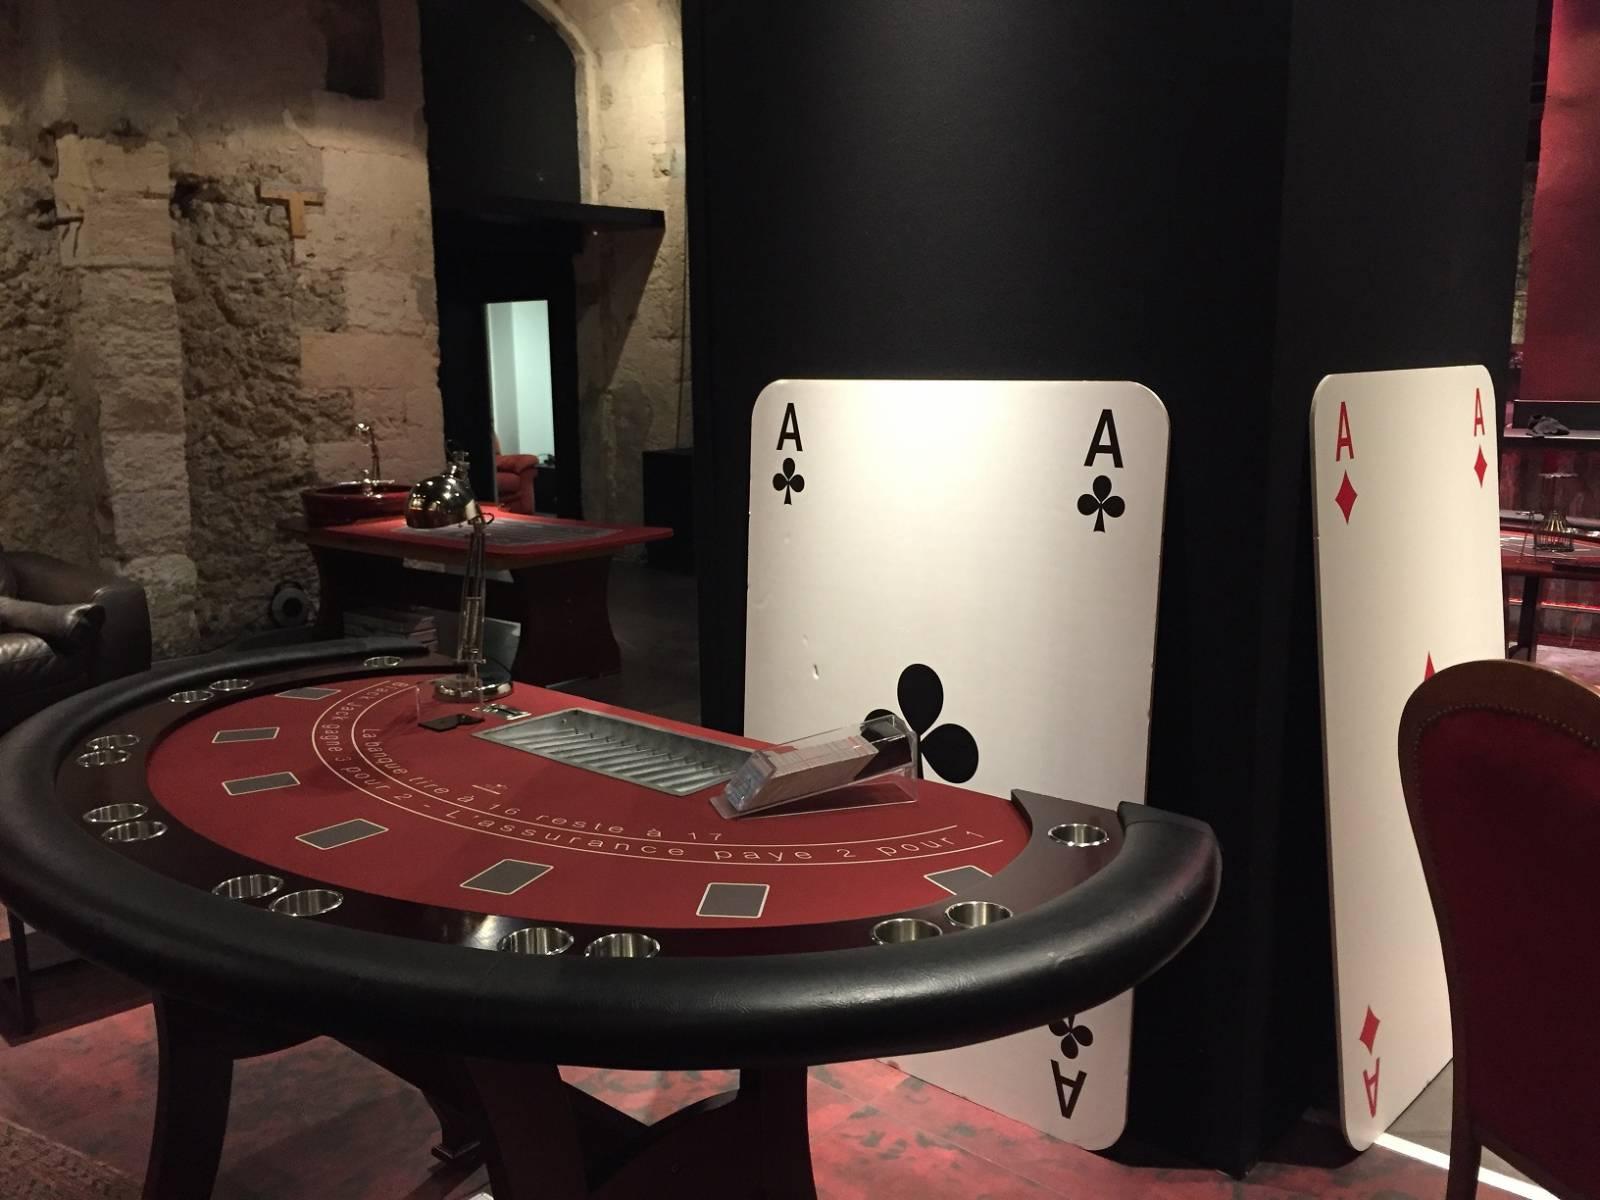 Play online slots ladbrokes